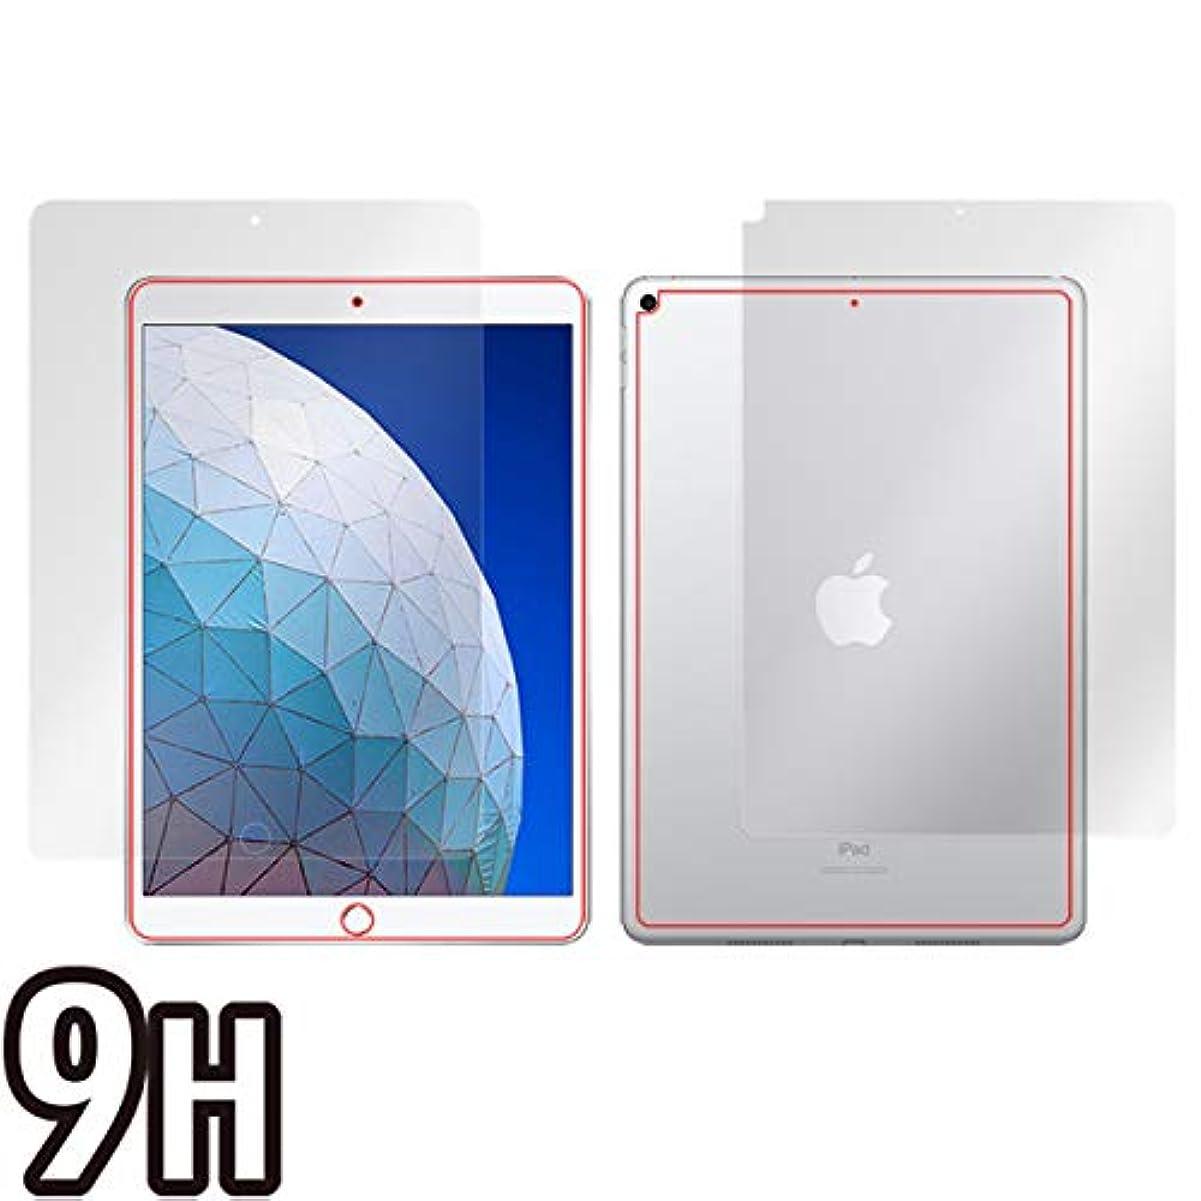 素晴らしさクライストチャーチ合わせてPET製フィルム 強化ガラス同等の硬度 高硬度9H素材採用 iPad Air (第3世代) 2019 (Wi-Fiモデル) 用 液晶?背面保護フィルムセット 日本製 OverLay Plus 9H O9HLIPADA3/S/2